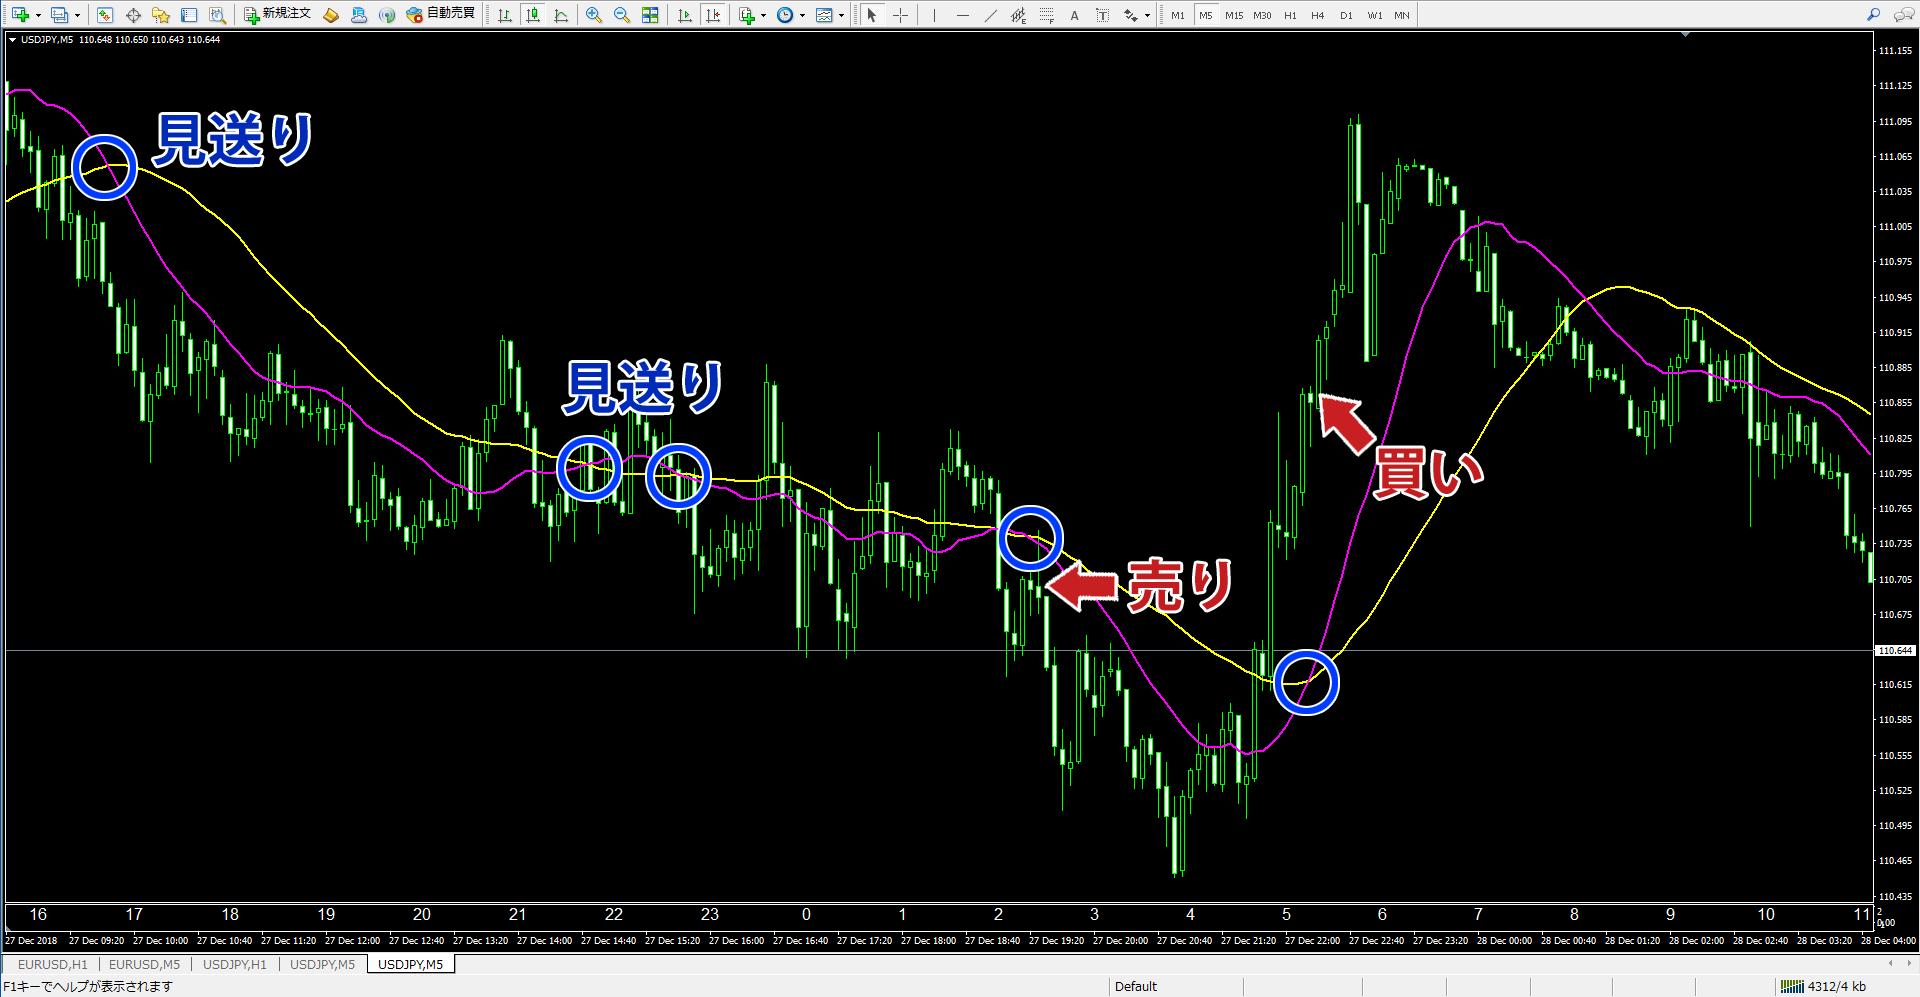 拡大表示したドル円の移動平均線のクロス。青い丸部分がクロスしたポイントです